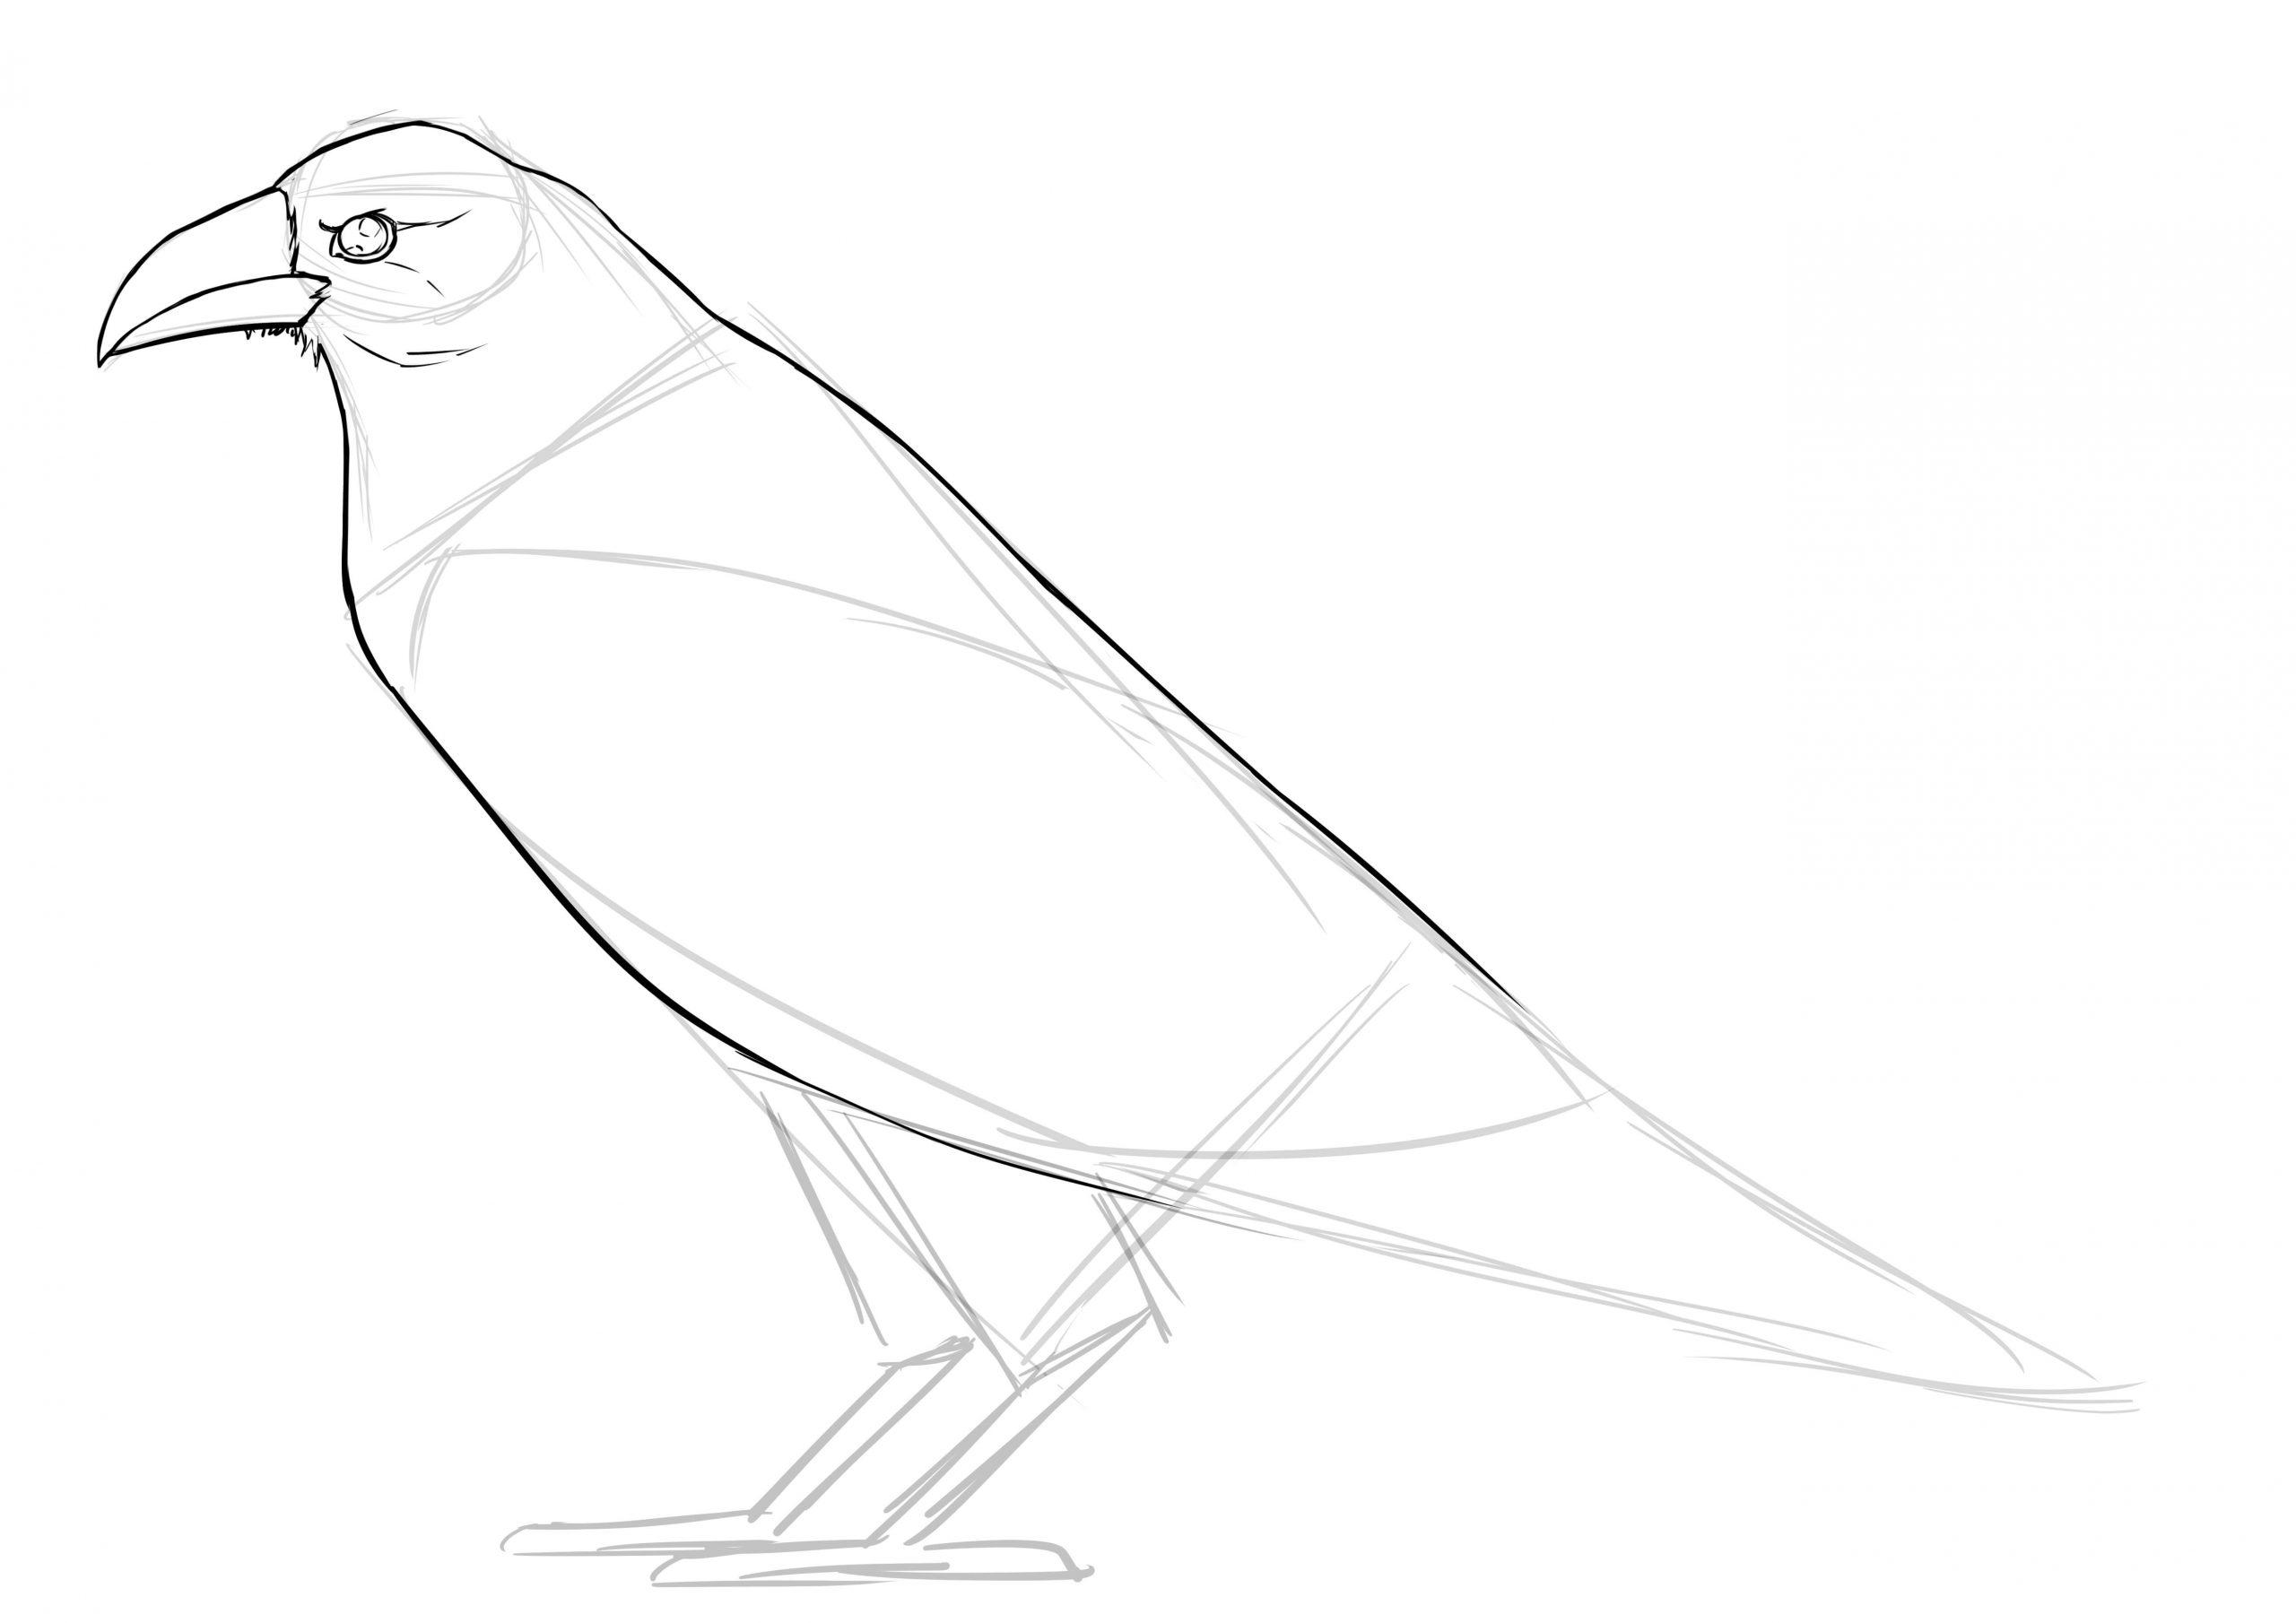 Comment Réaliser Un Dessin De Corbeau - Dessindigo concernant Dessin D Oiseau Simple